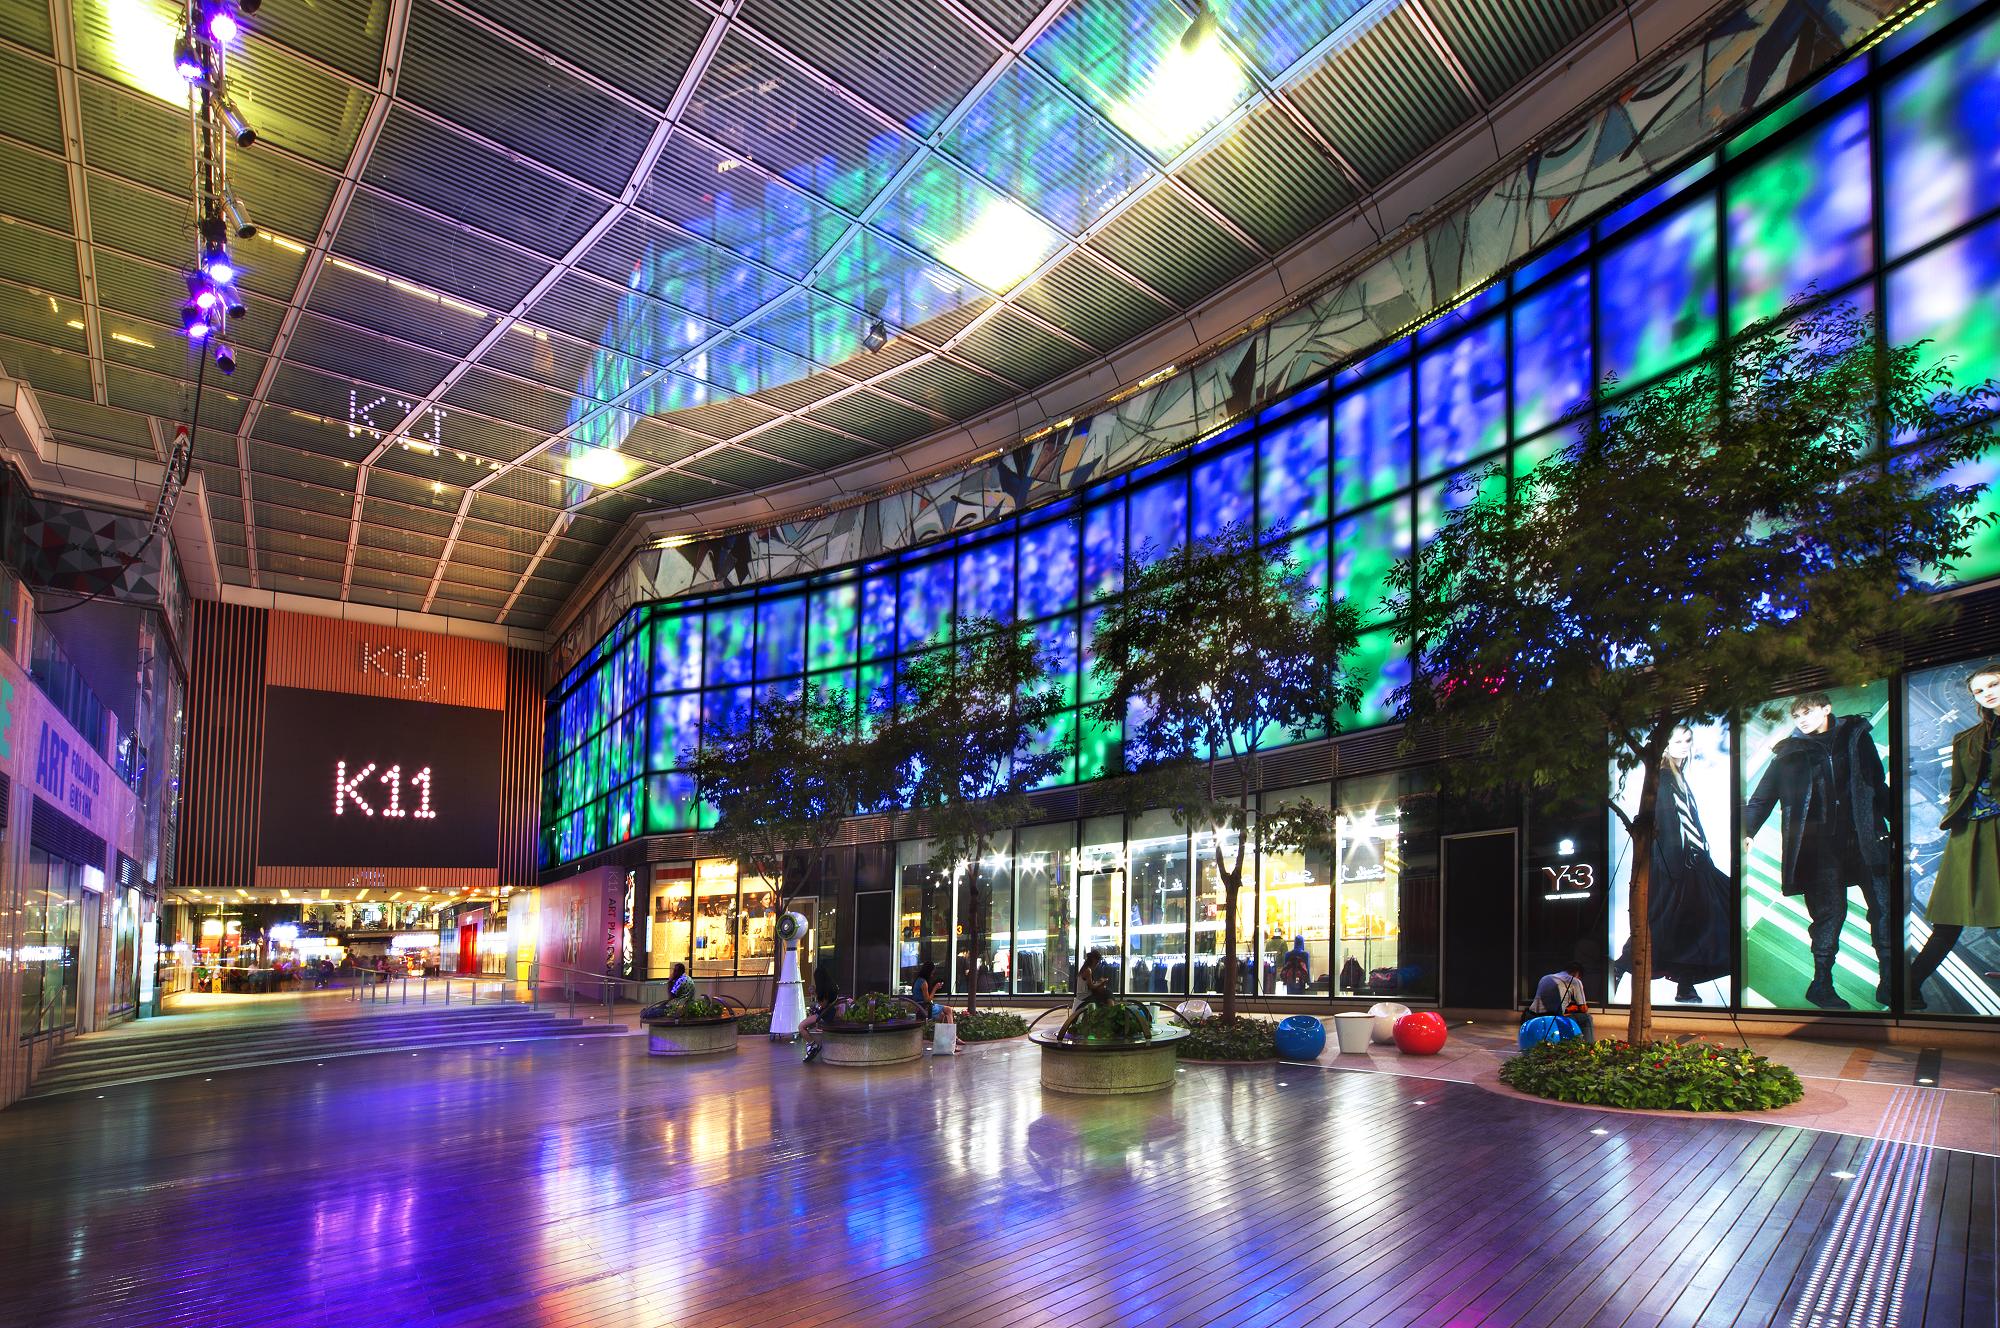 2. Hong Kong K11 Piazza